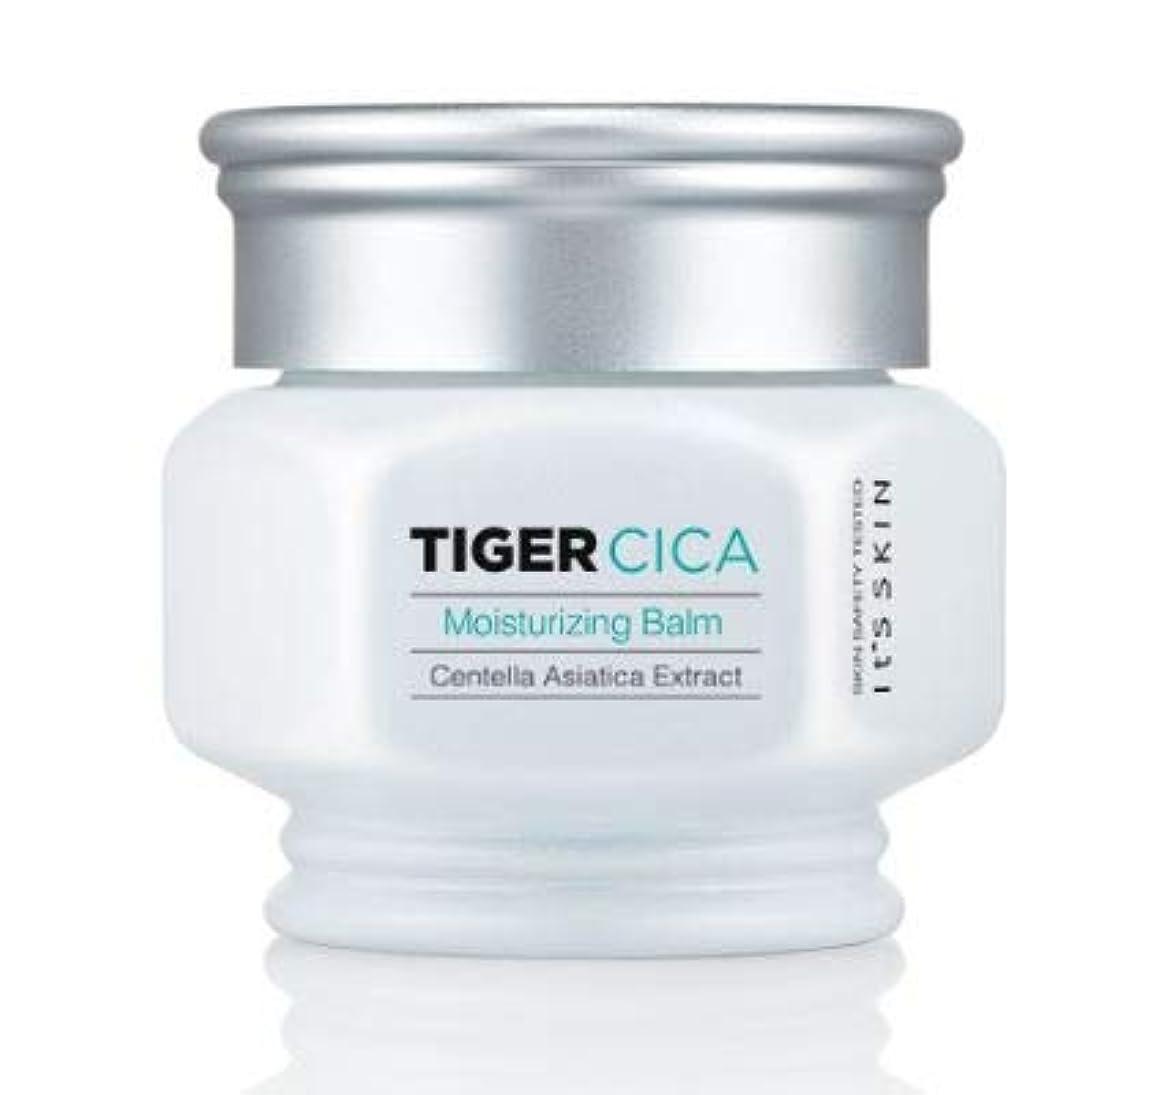 電卓プレゼンテーション豊富[It's Skin] Tiger Cica Moisturizing Balm 50ml /[イッツスキン] タイガーシカ モイスチャライジング バーム 50ml [並行輸入品]